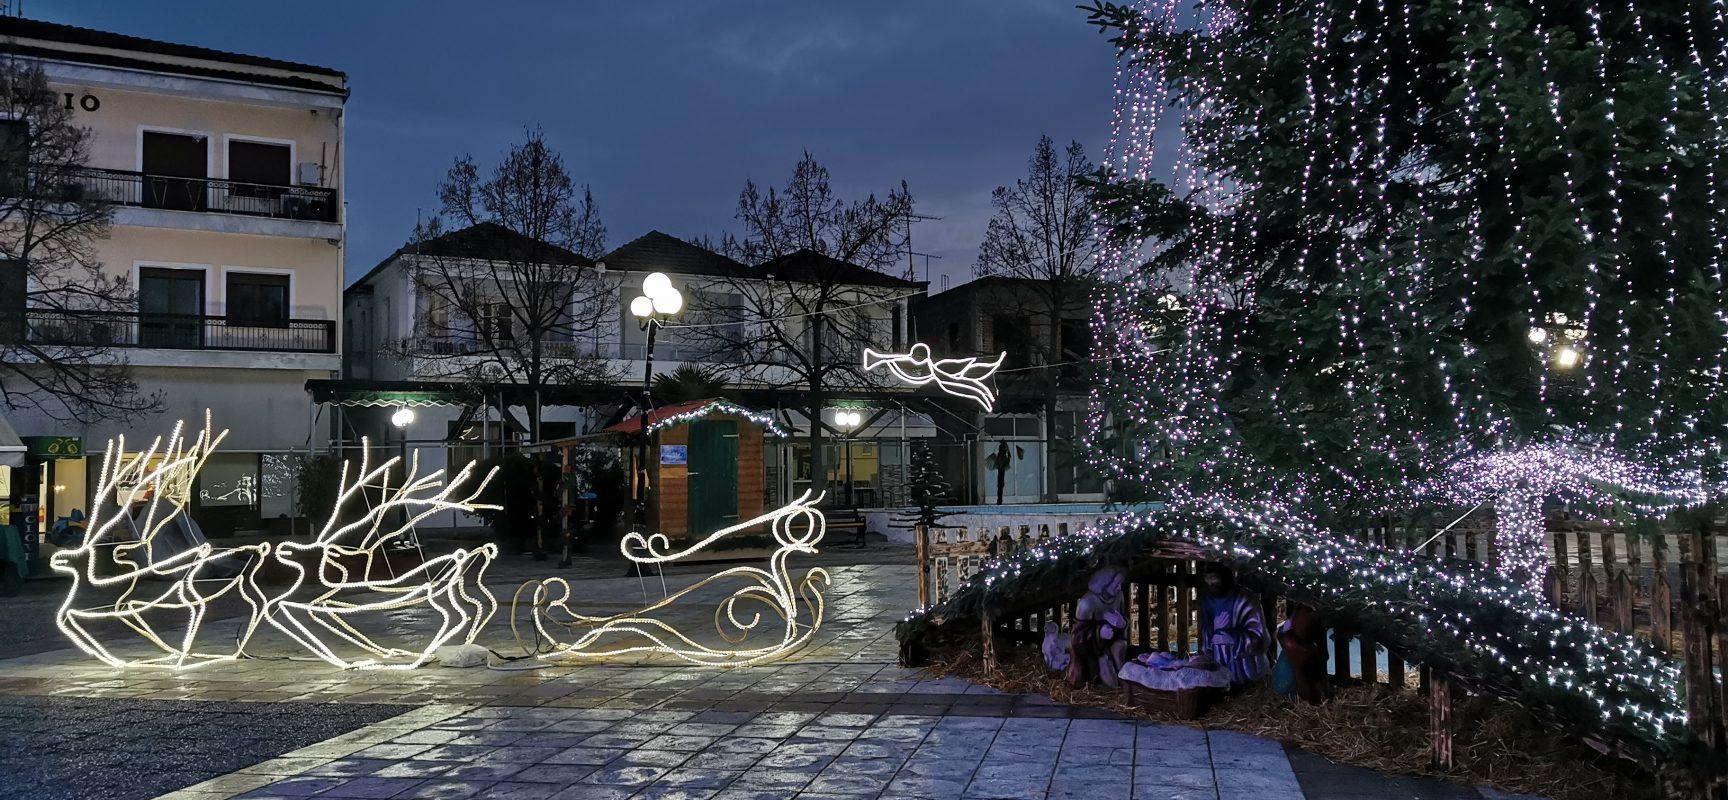 Δείτε την εκδήλωση για τη φωταγώγηση του Χριστουγεννιάτικου δέντρου στους Σοφάδες που έγινε την Πέμπτη 12/12/2019